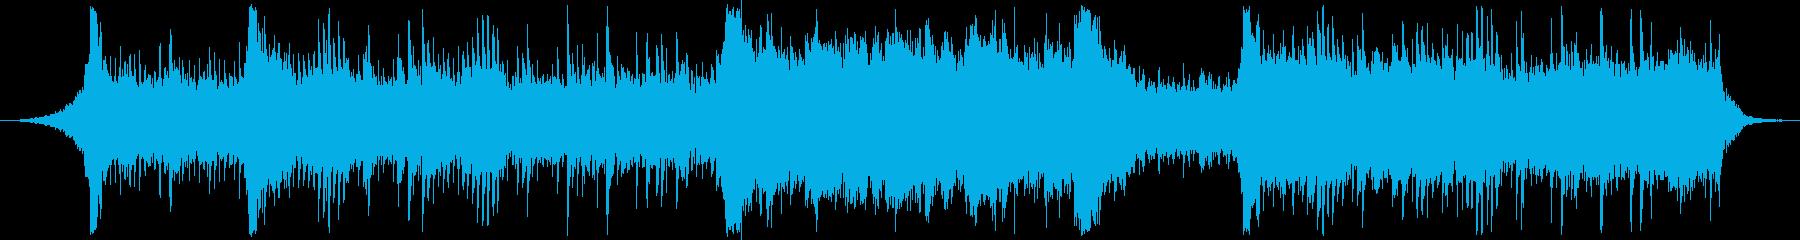 電子音楽×和風なヒーリング曲の再生済みの波形